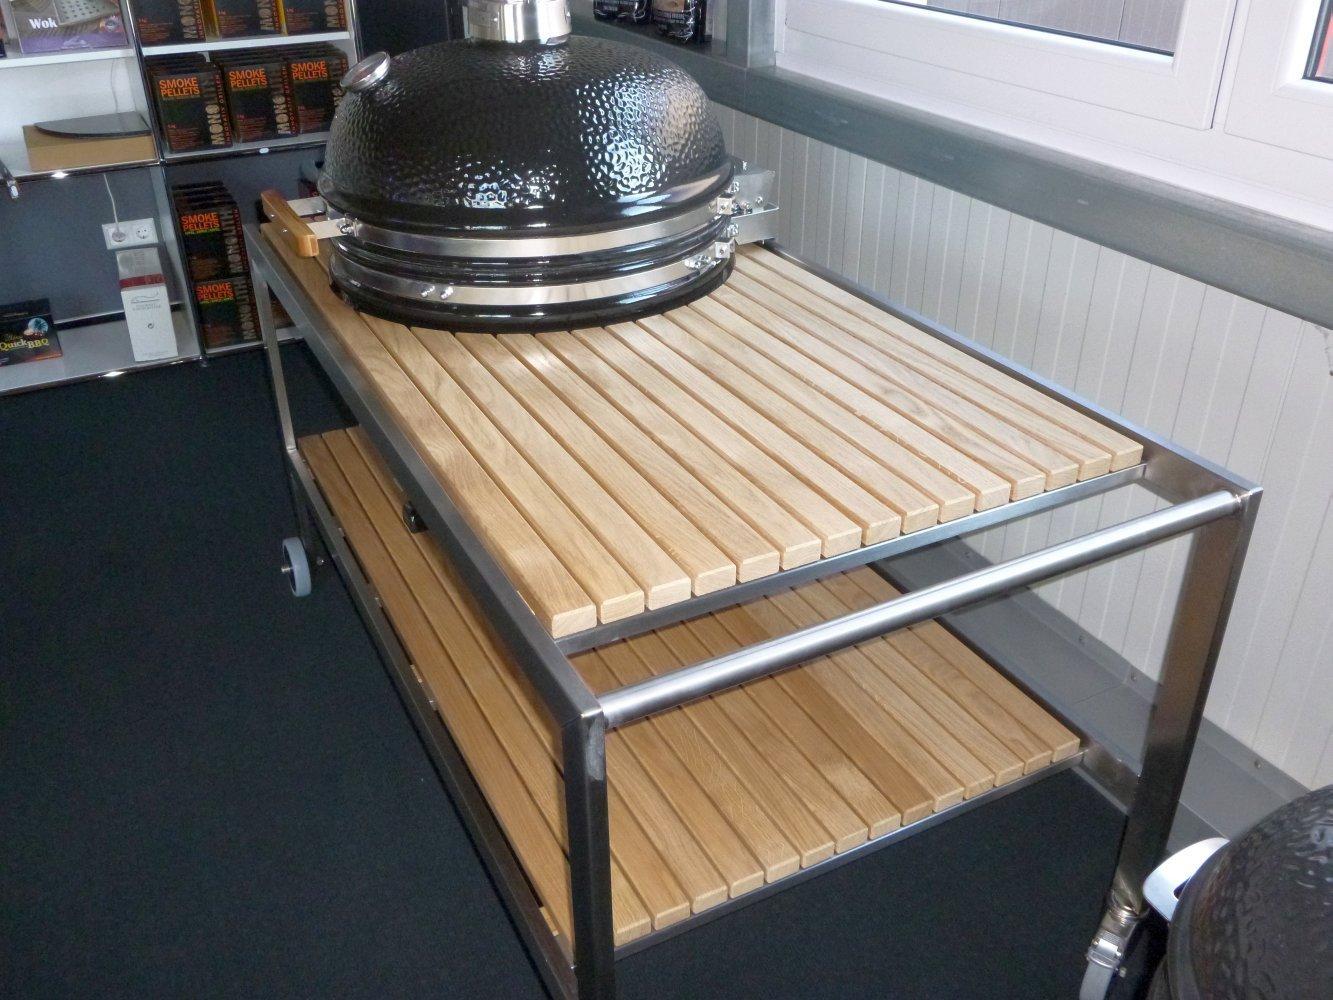 premium tisch monolith lechef mit edelstahlgestell und eichenholzbeplankung grillarena. Black Bedroom Furniture Sets. Home Design Ideas